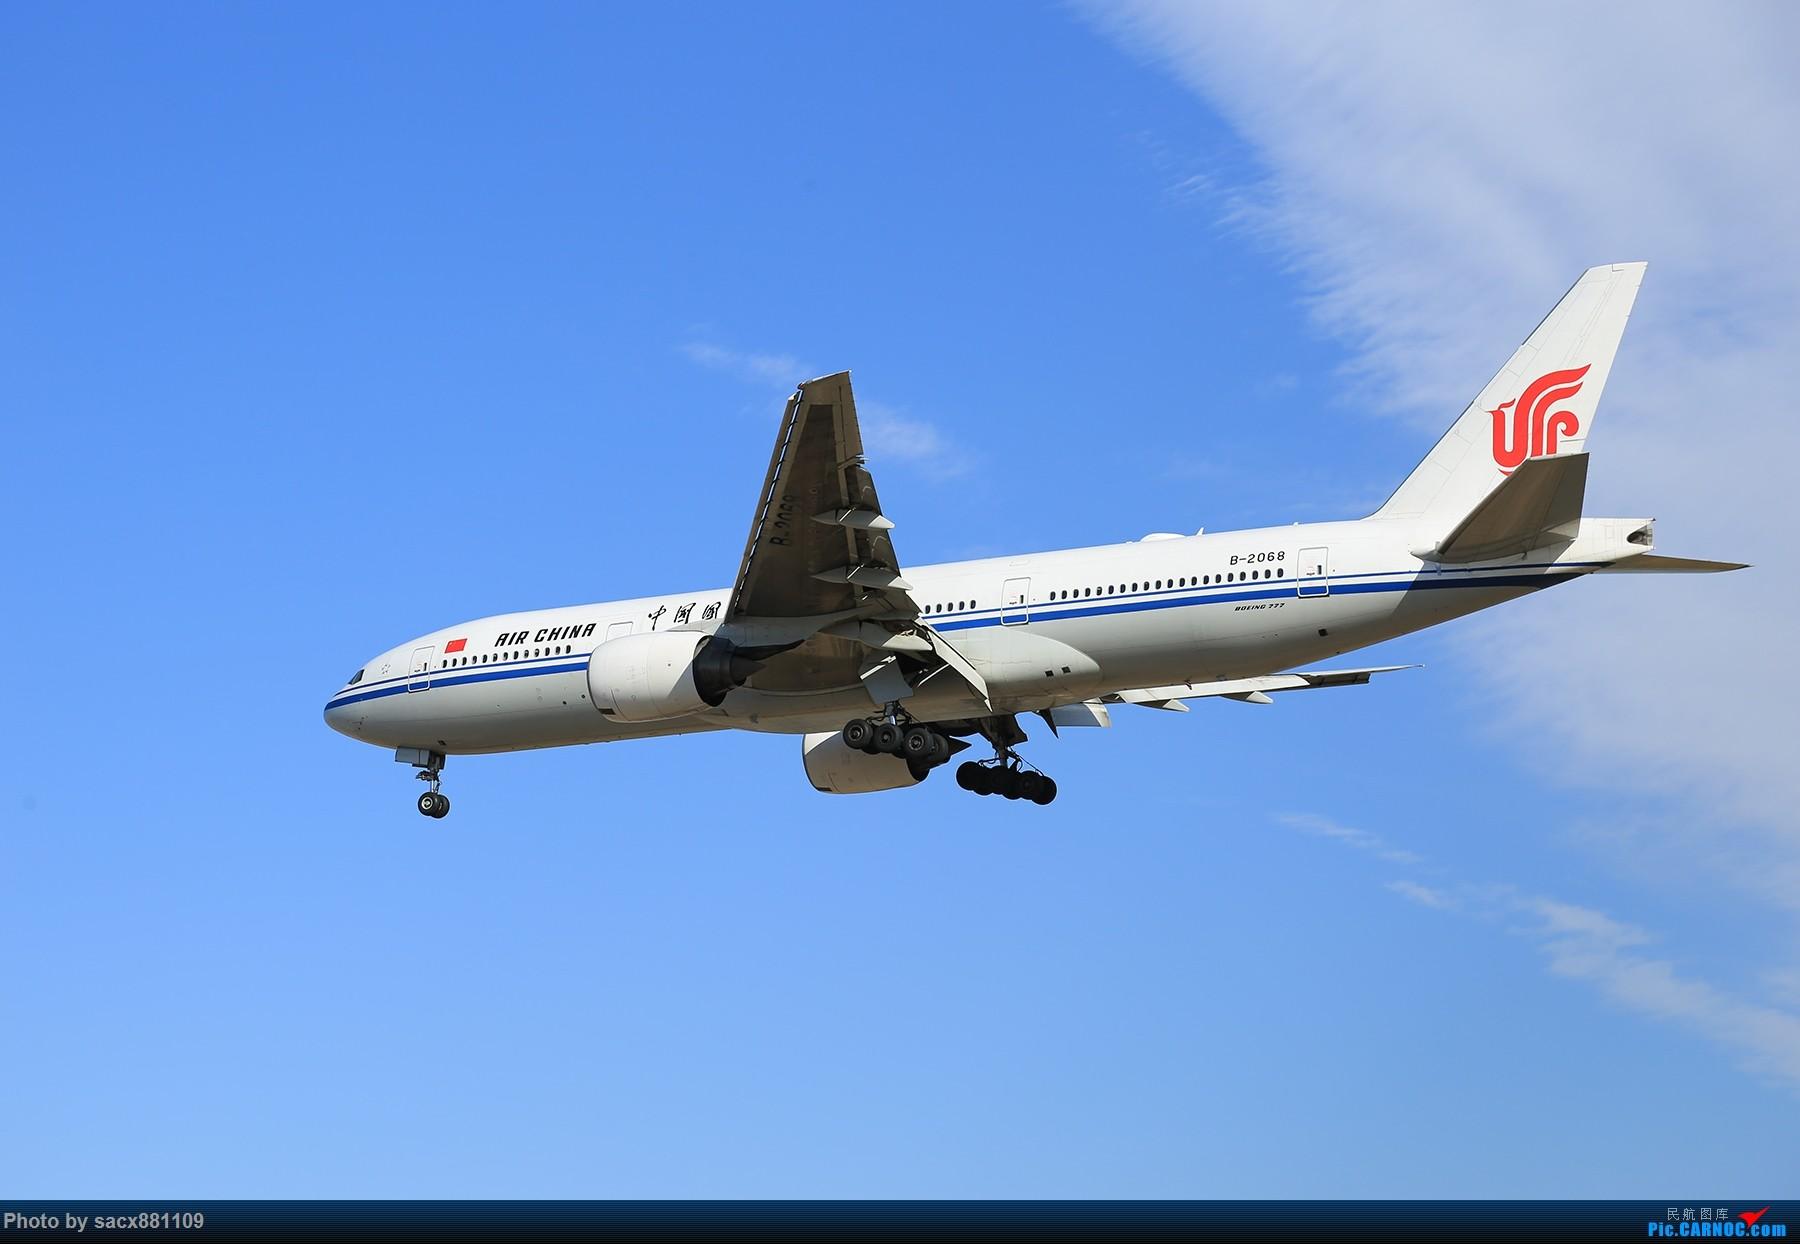 [原创]~~~~~~~~~~~~Boeing777-200~~~~~~~~~~~~~~ BOEING 777-200 B-2068 中国北京首都国际机场